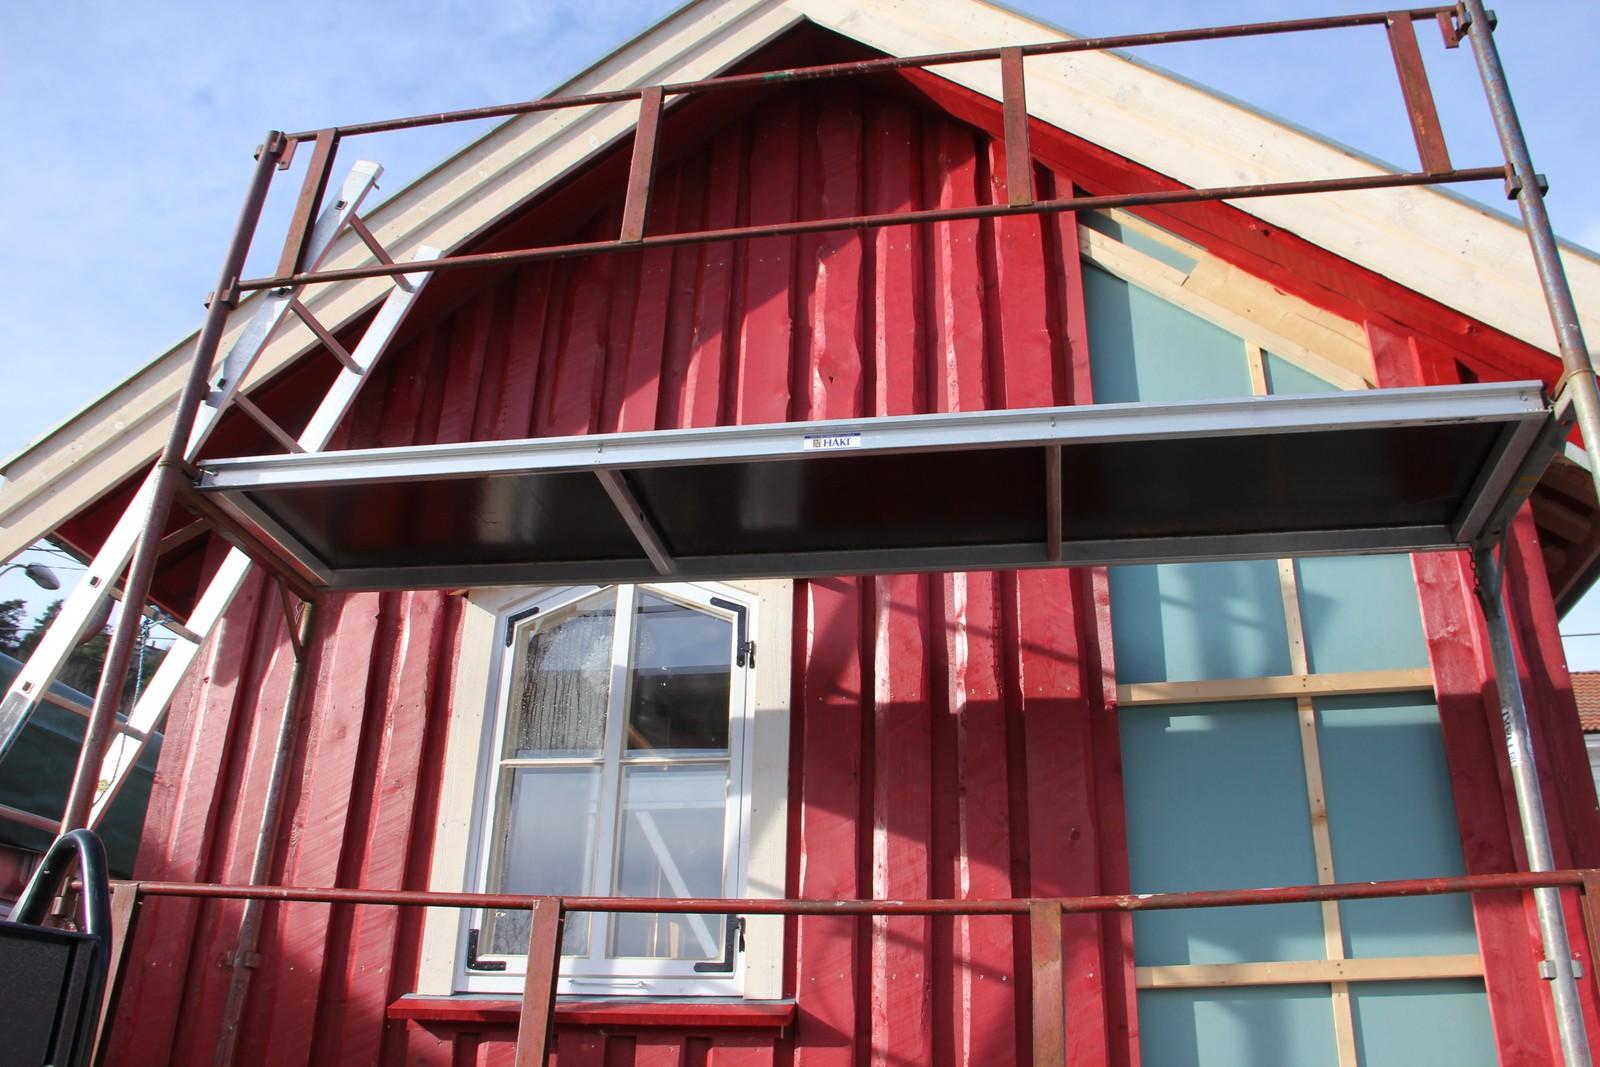 Ny fasade sett fra baksiden fra vannet. Vinduet er pusset opp, og satt inn igjen.